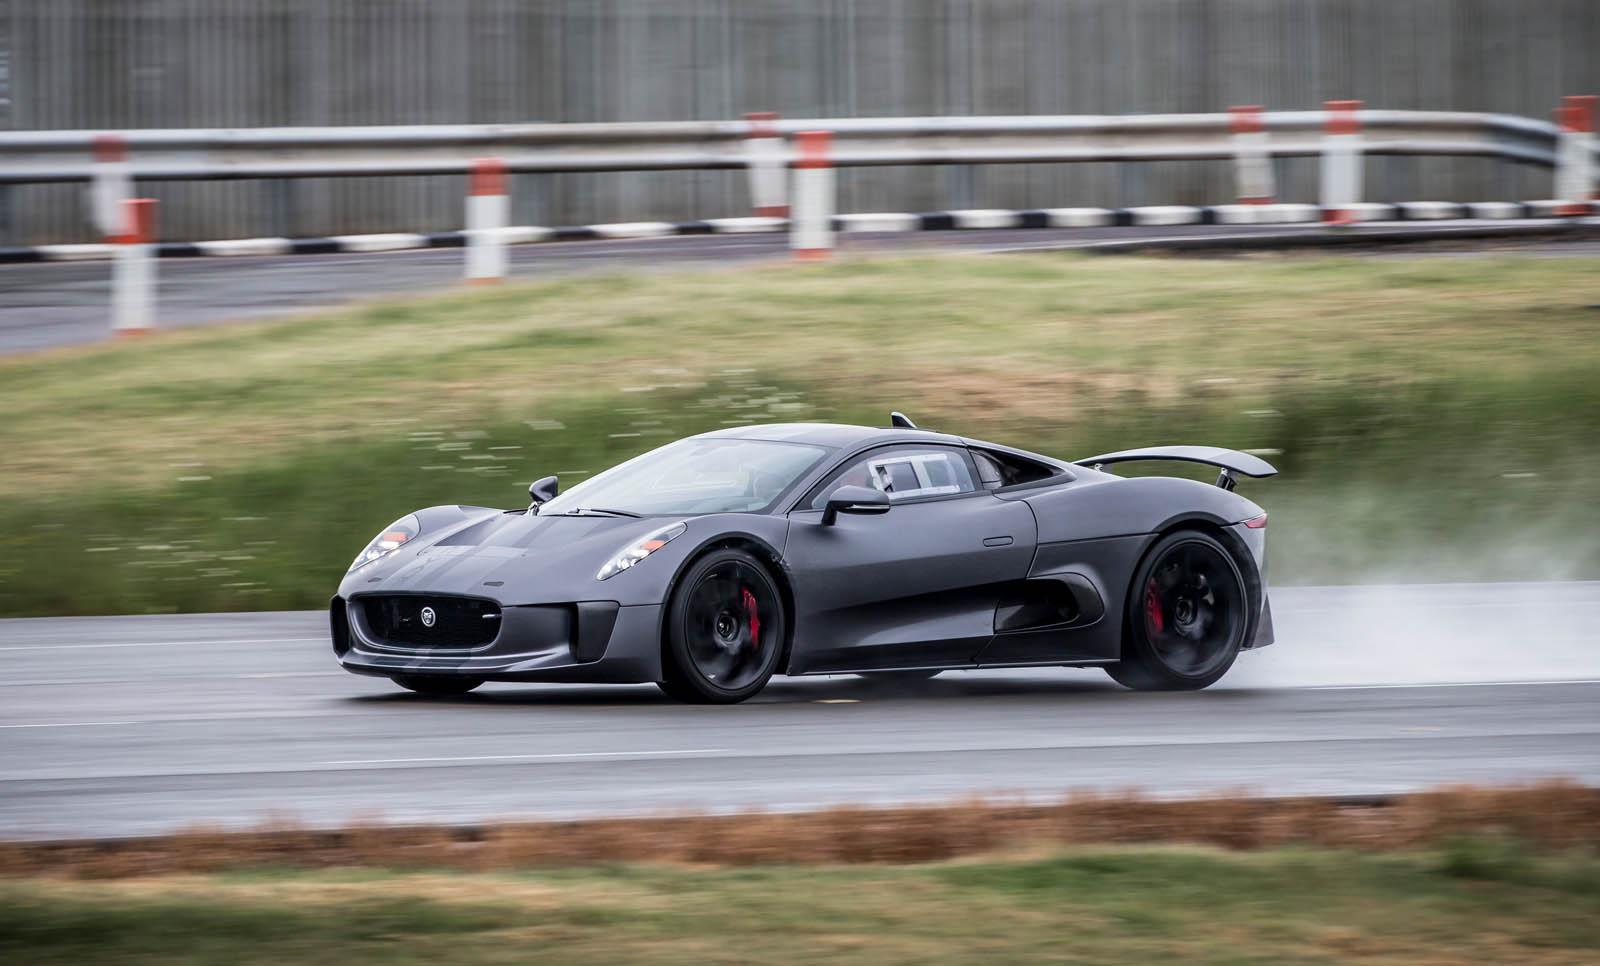 Jaguar C X on 4 Seater Drift Car